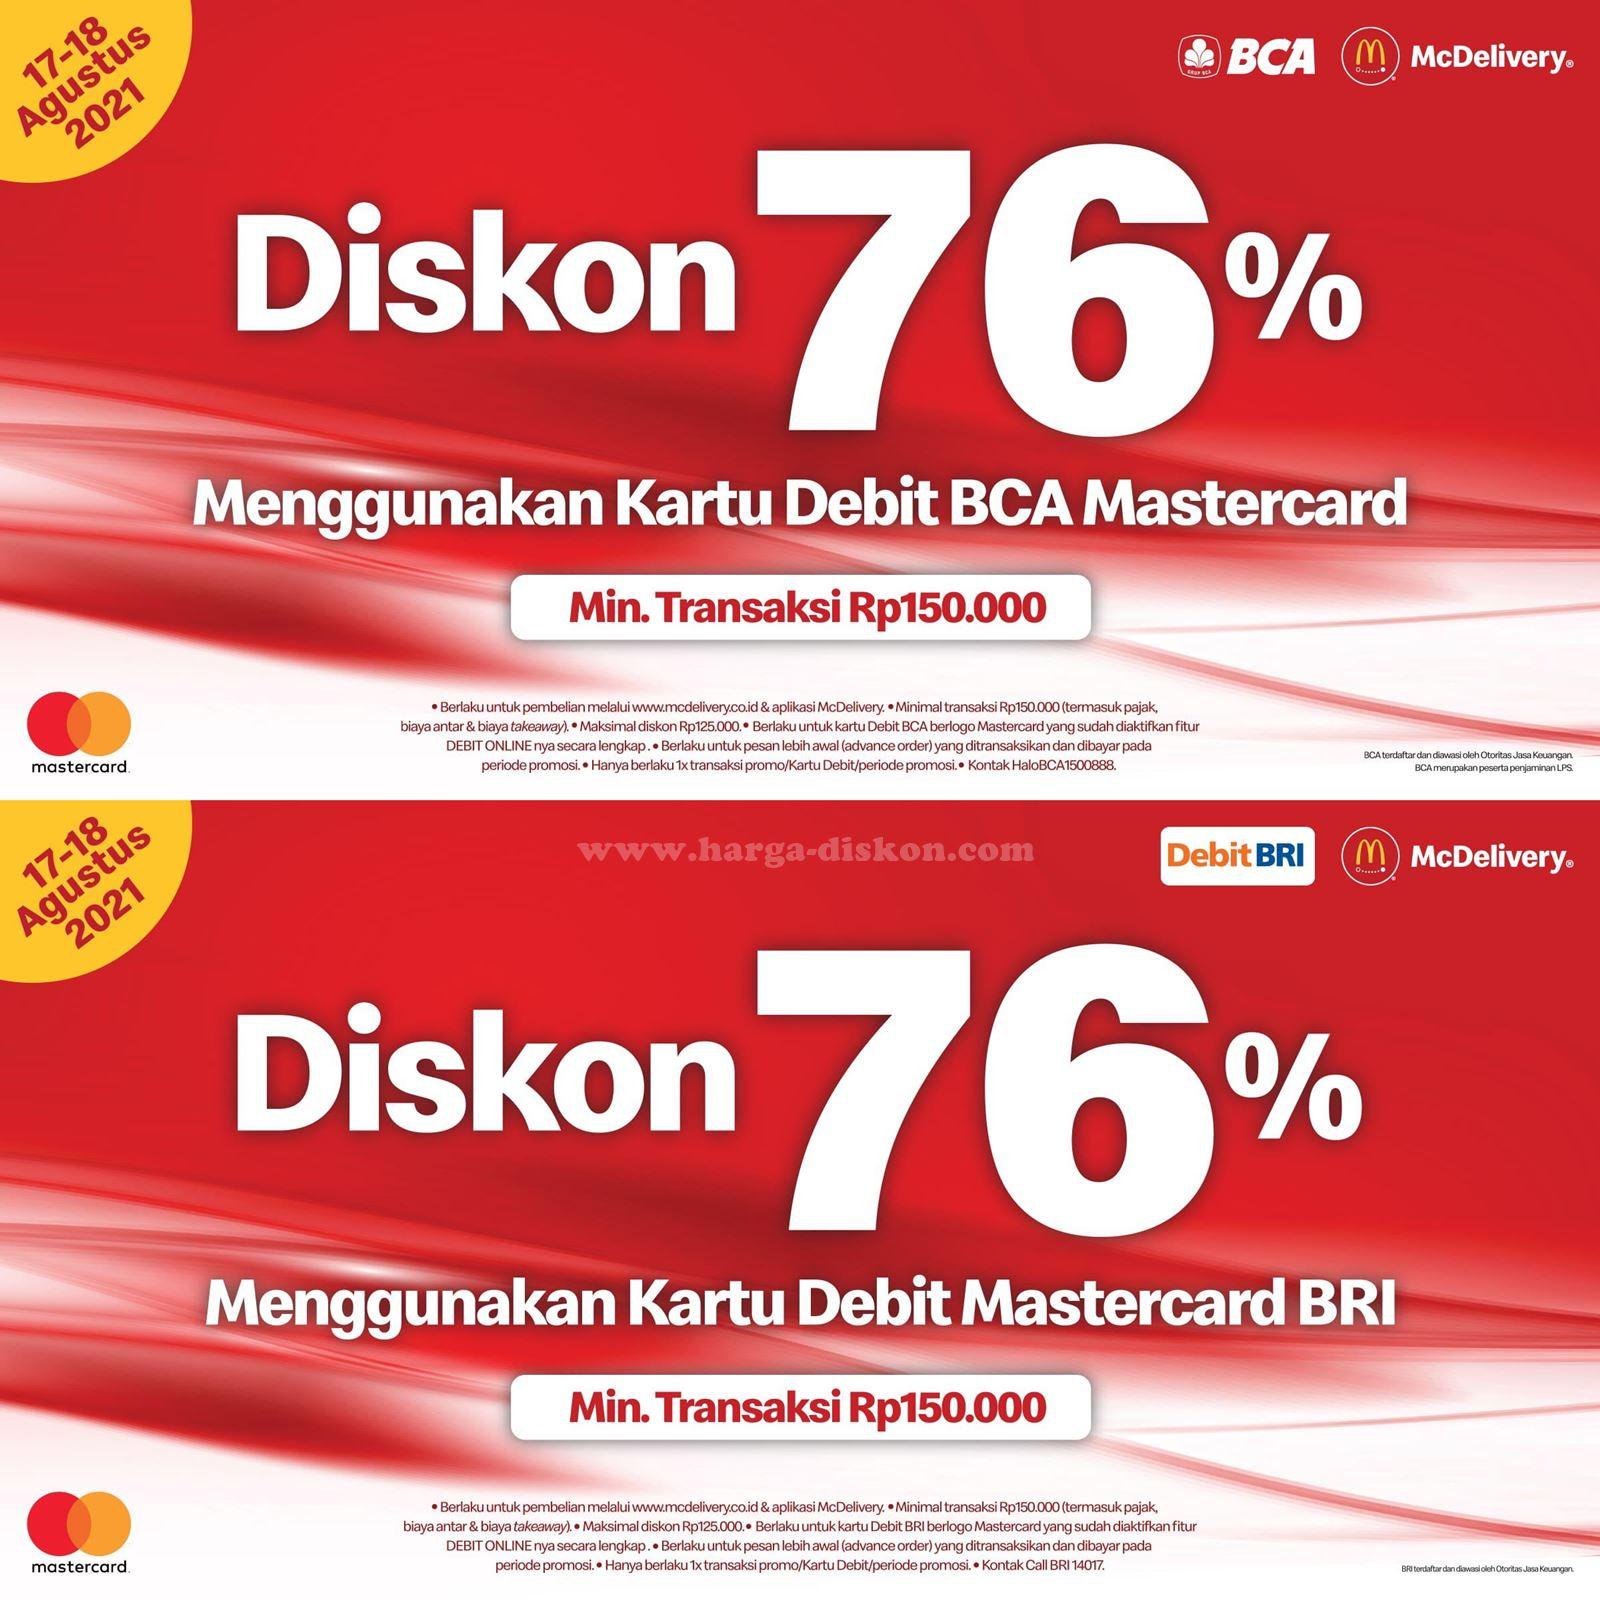 Promo McDonalds Diskon 76% dengan Debit BCA atau Debit BRI Periode 17-18 Agustus 2021